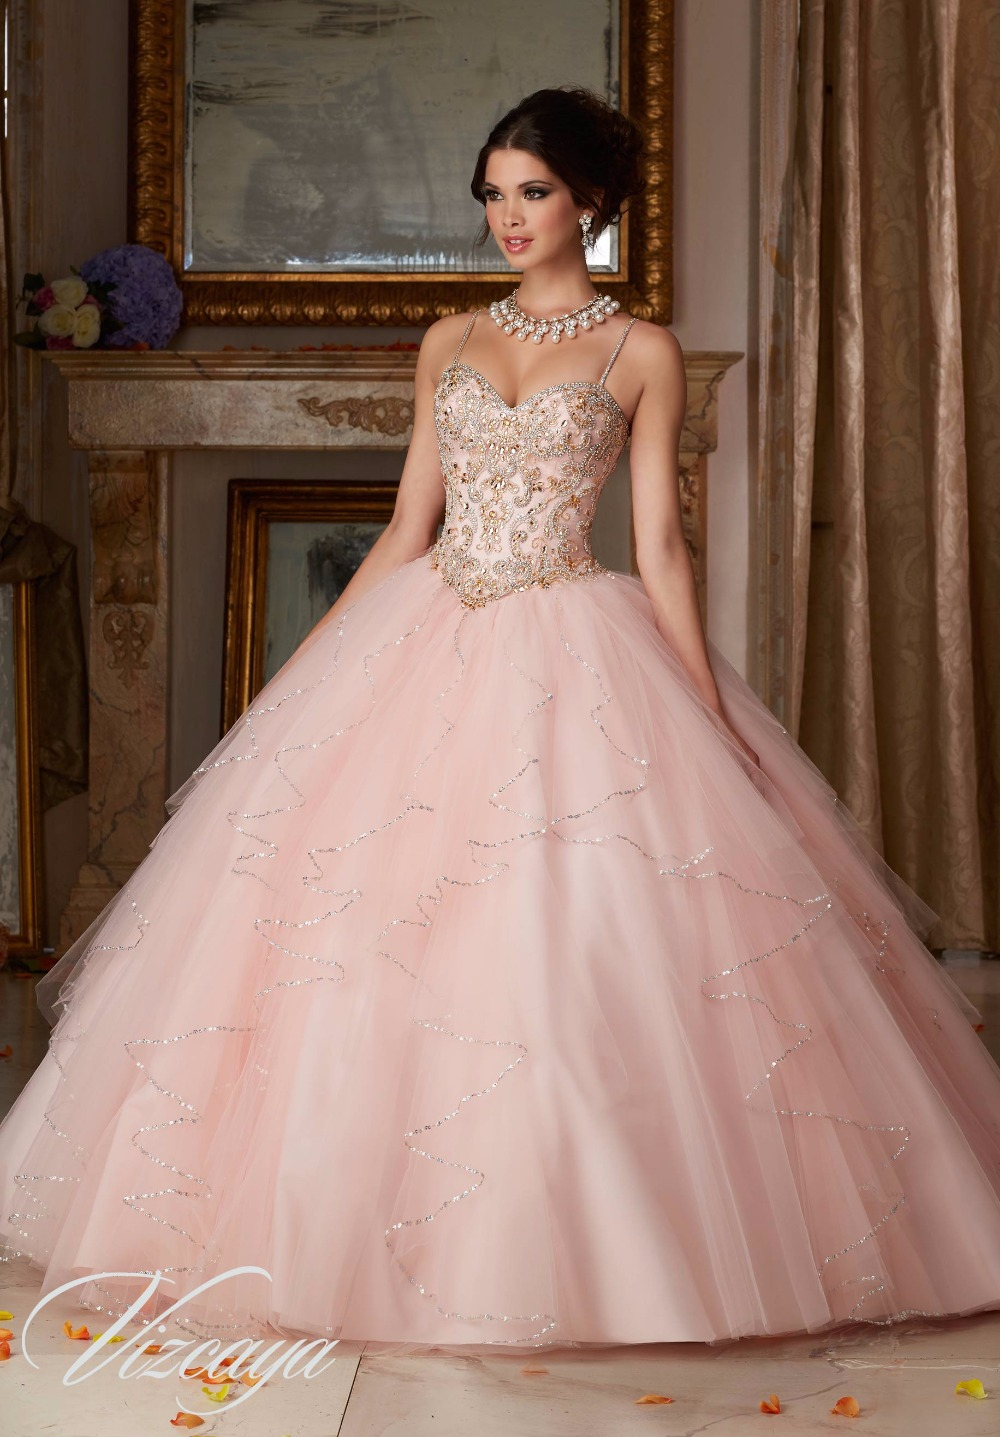 Perfecto Vestidos De Novia Coladas Imagen - Colección de Vestidos de ...